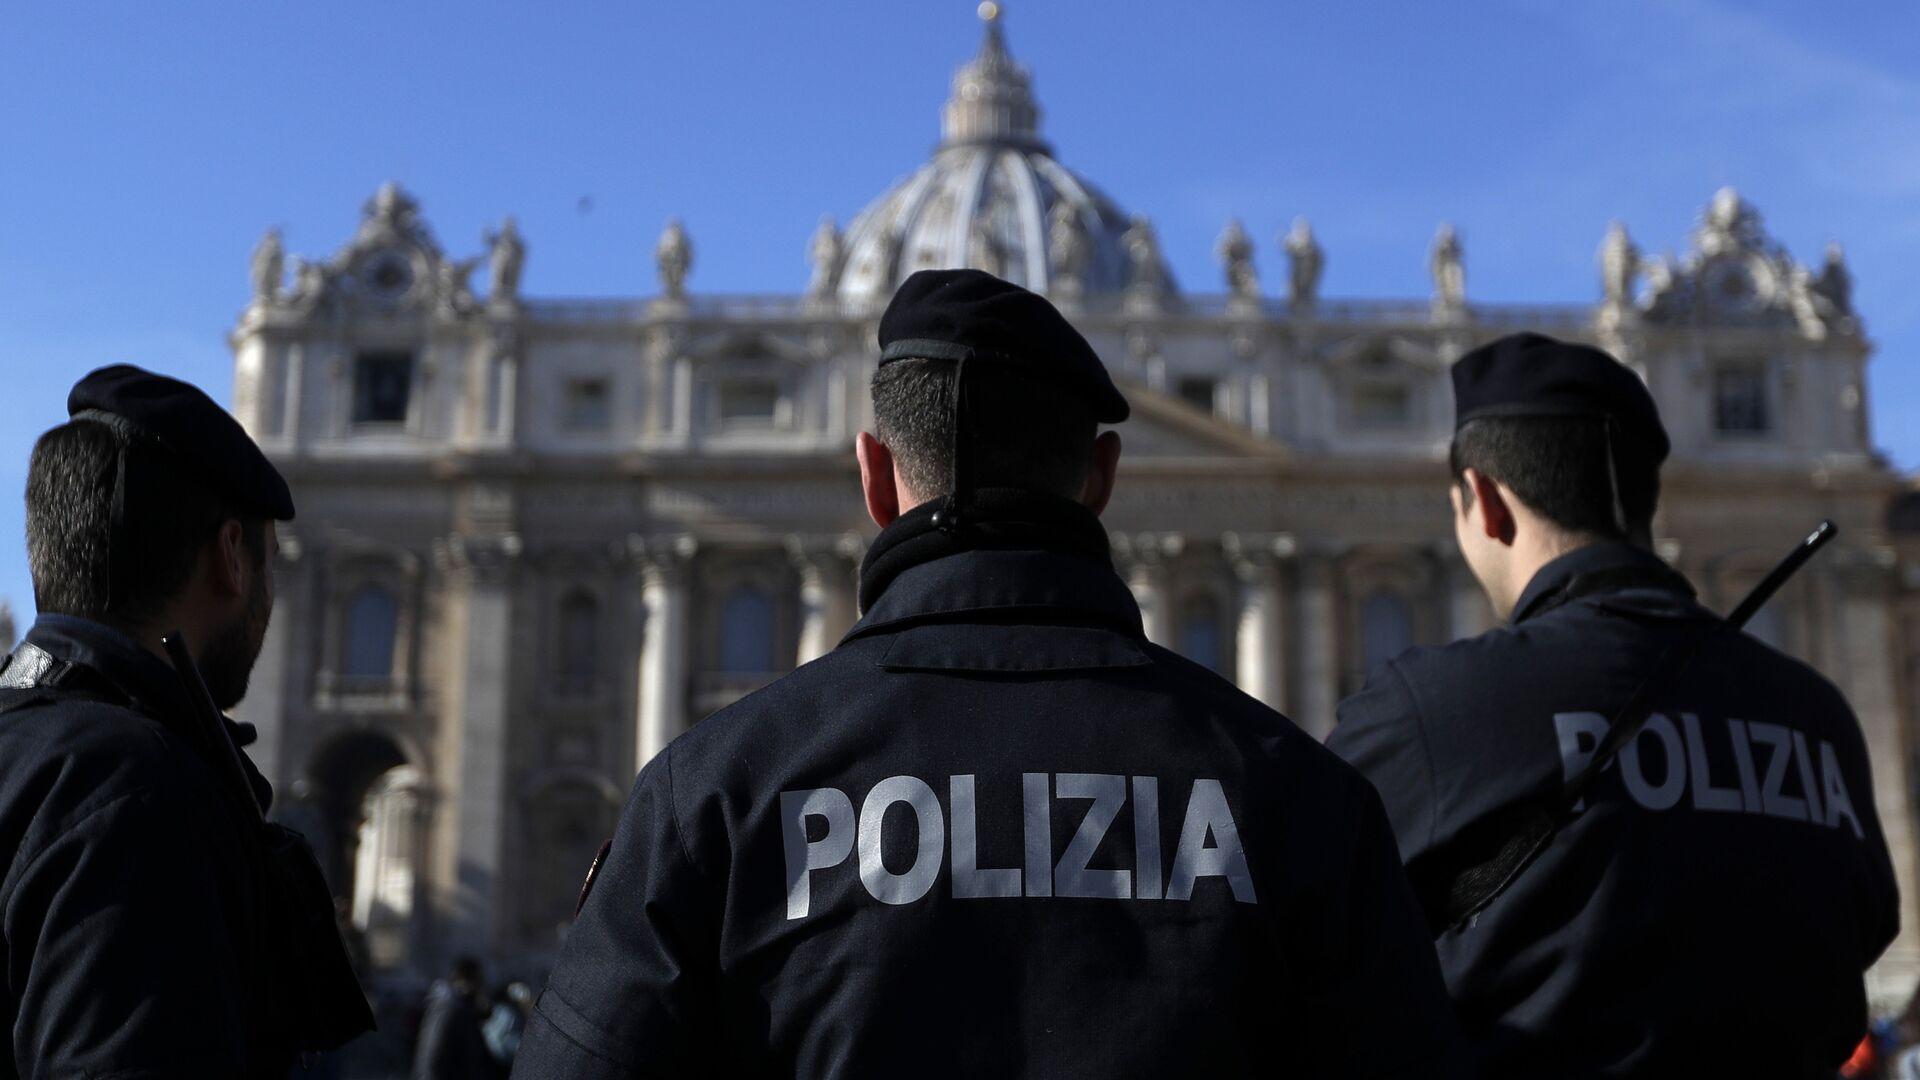 Policía de Italia (imagen referencial) - Sputnik Mundo, 1920, 05.05.2021